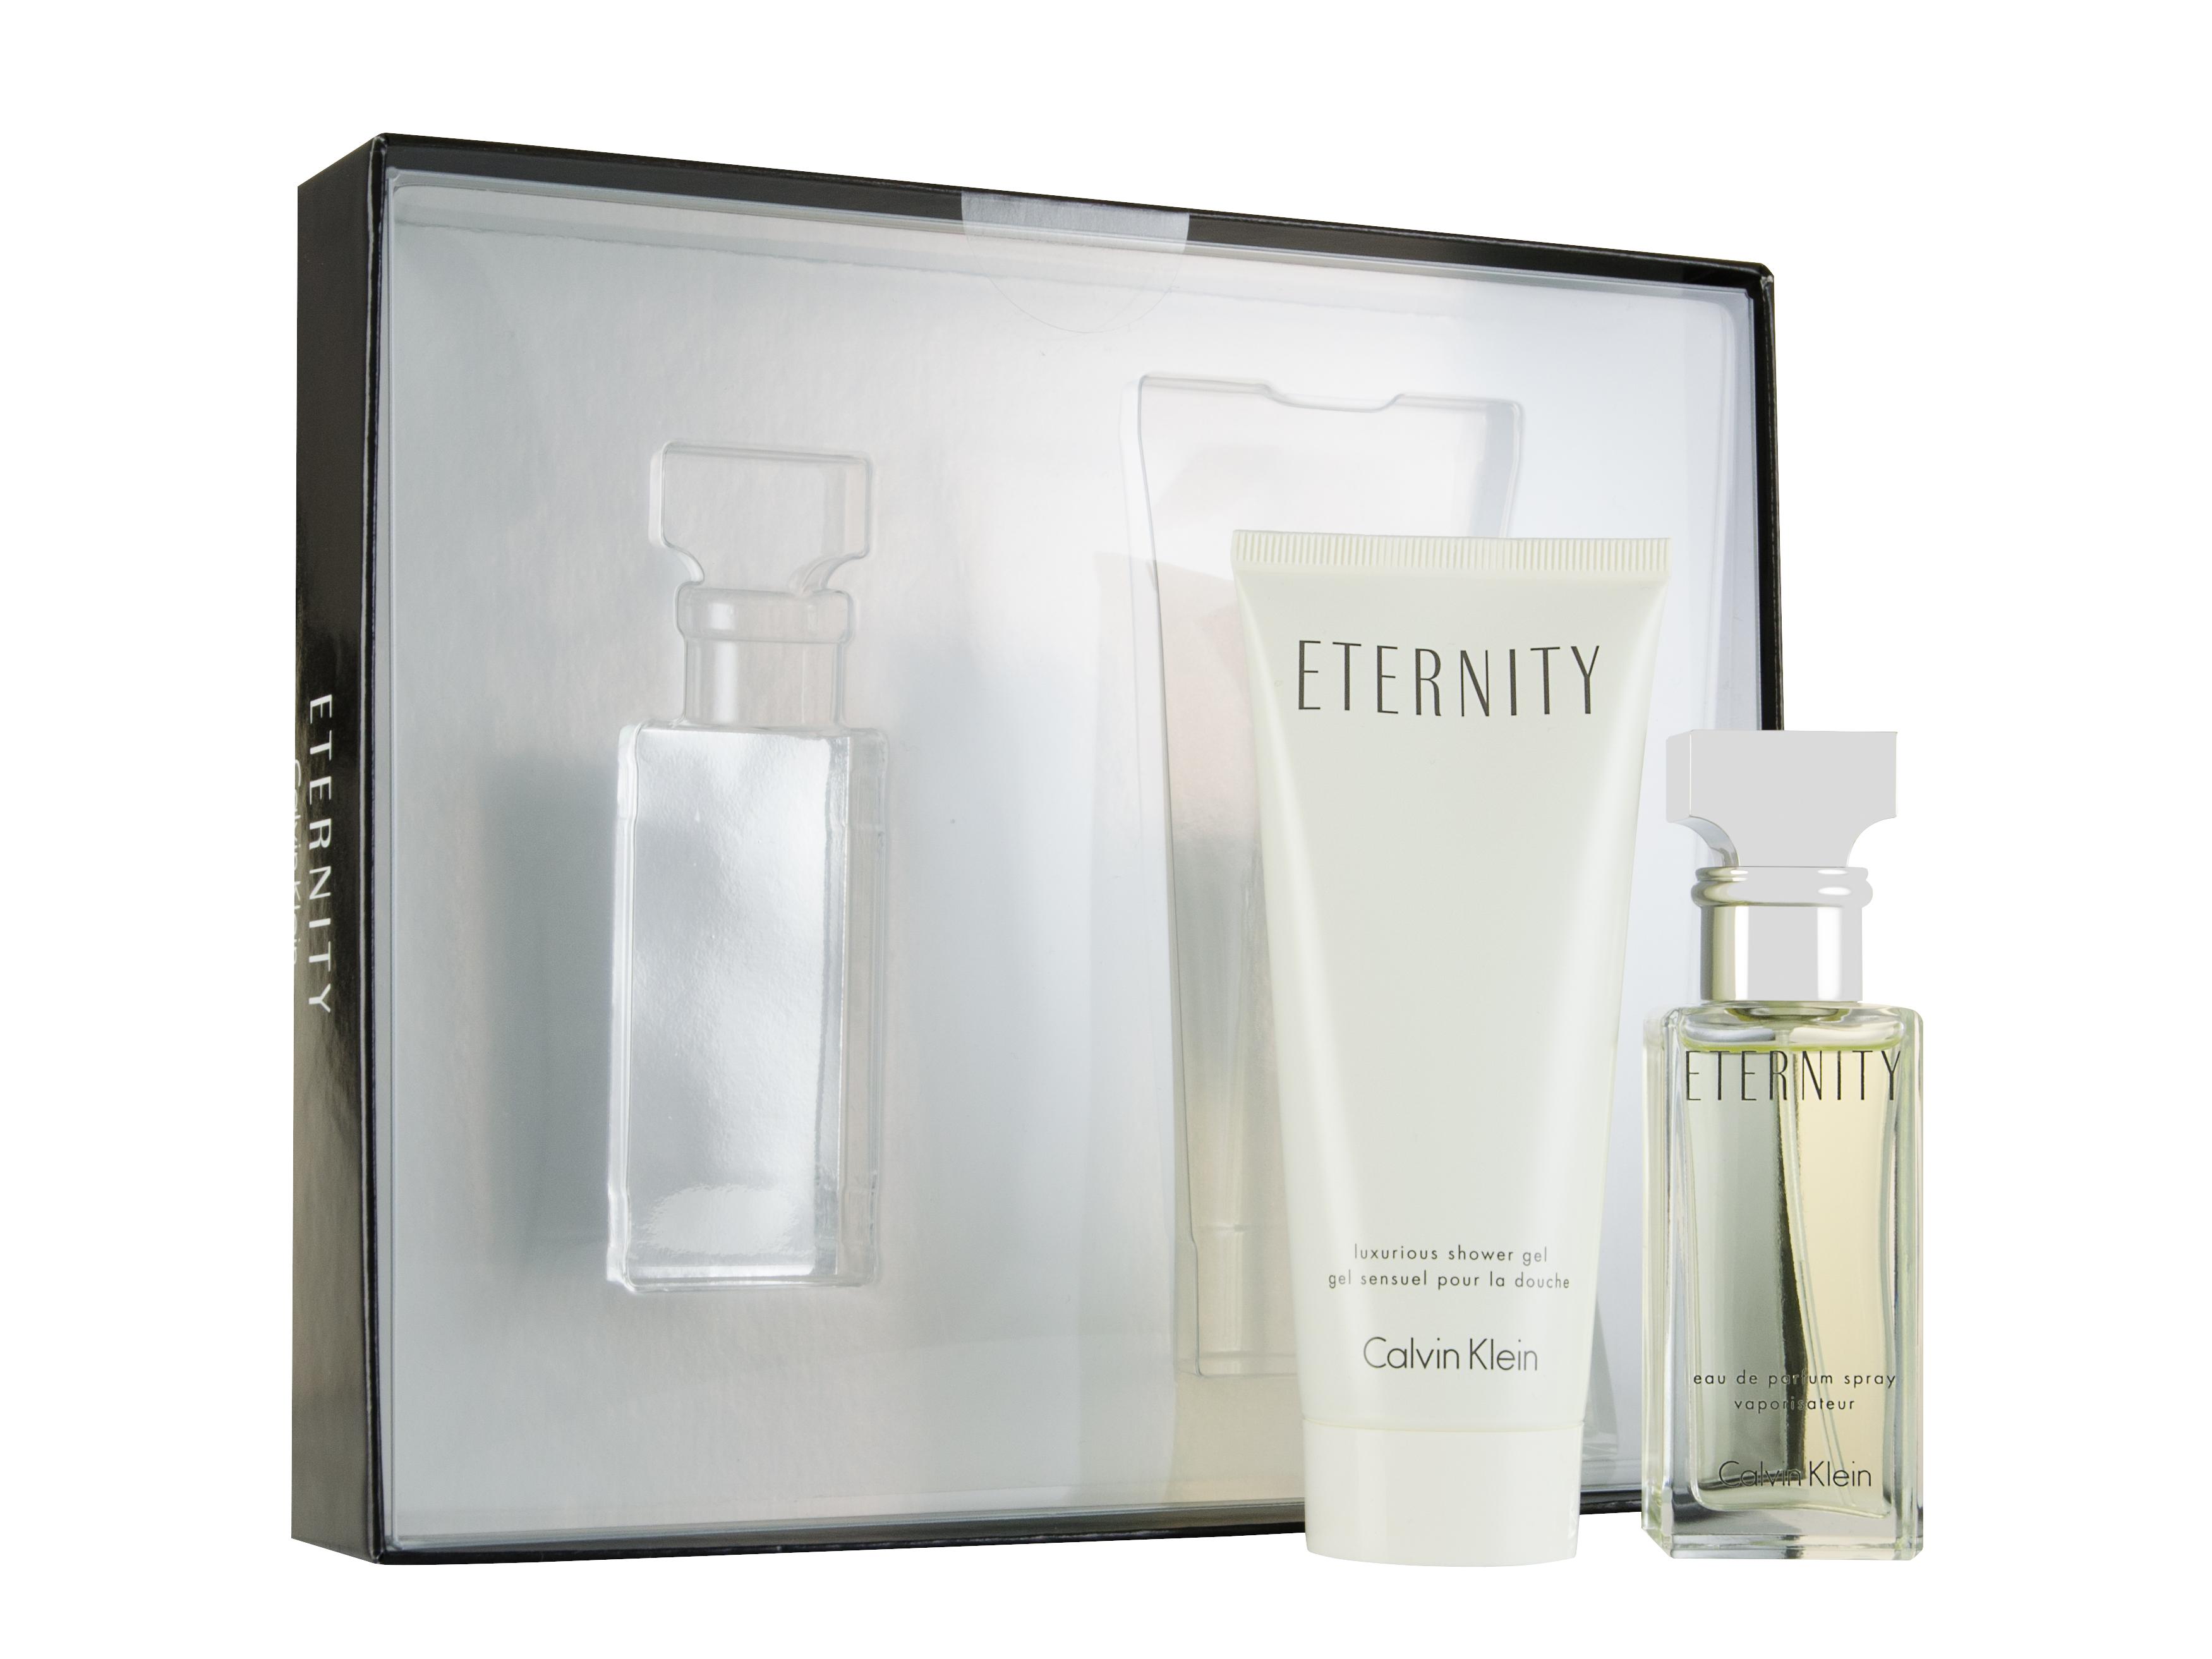 Calvin Klein Eternity Eau de Parfum 2 Pieces Gift Set